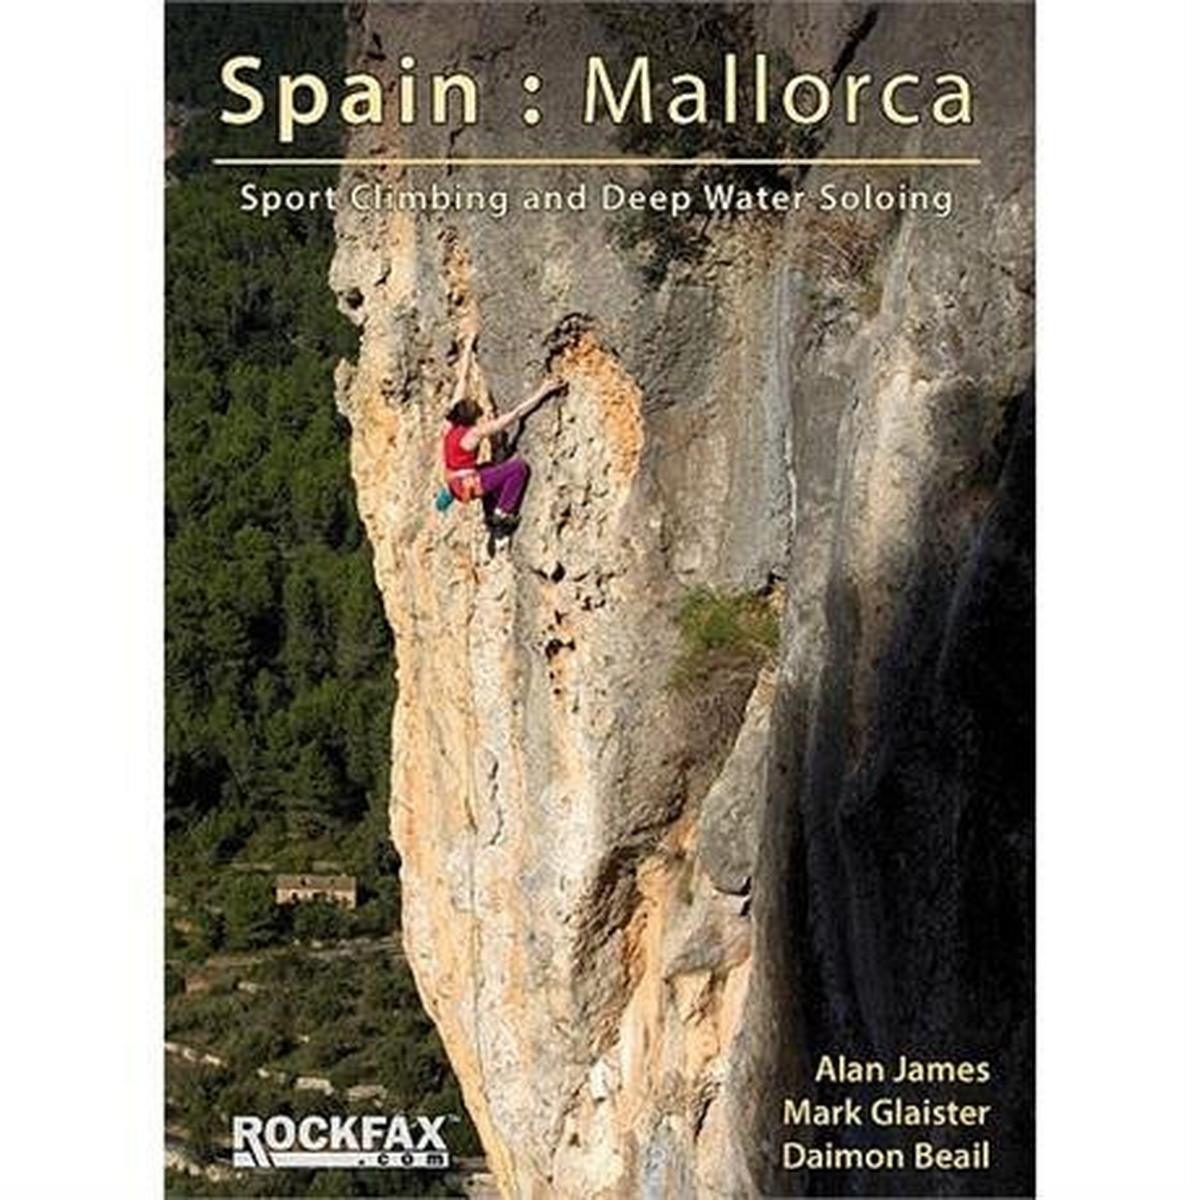 Rockfax Climbing Guide Book: Spain: Mallorca